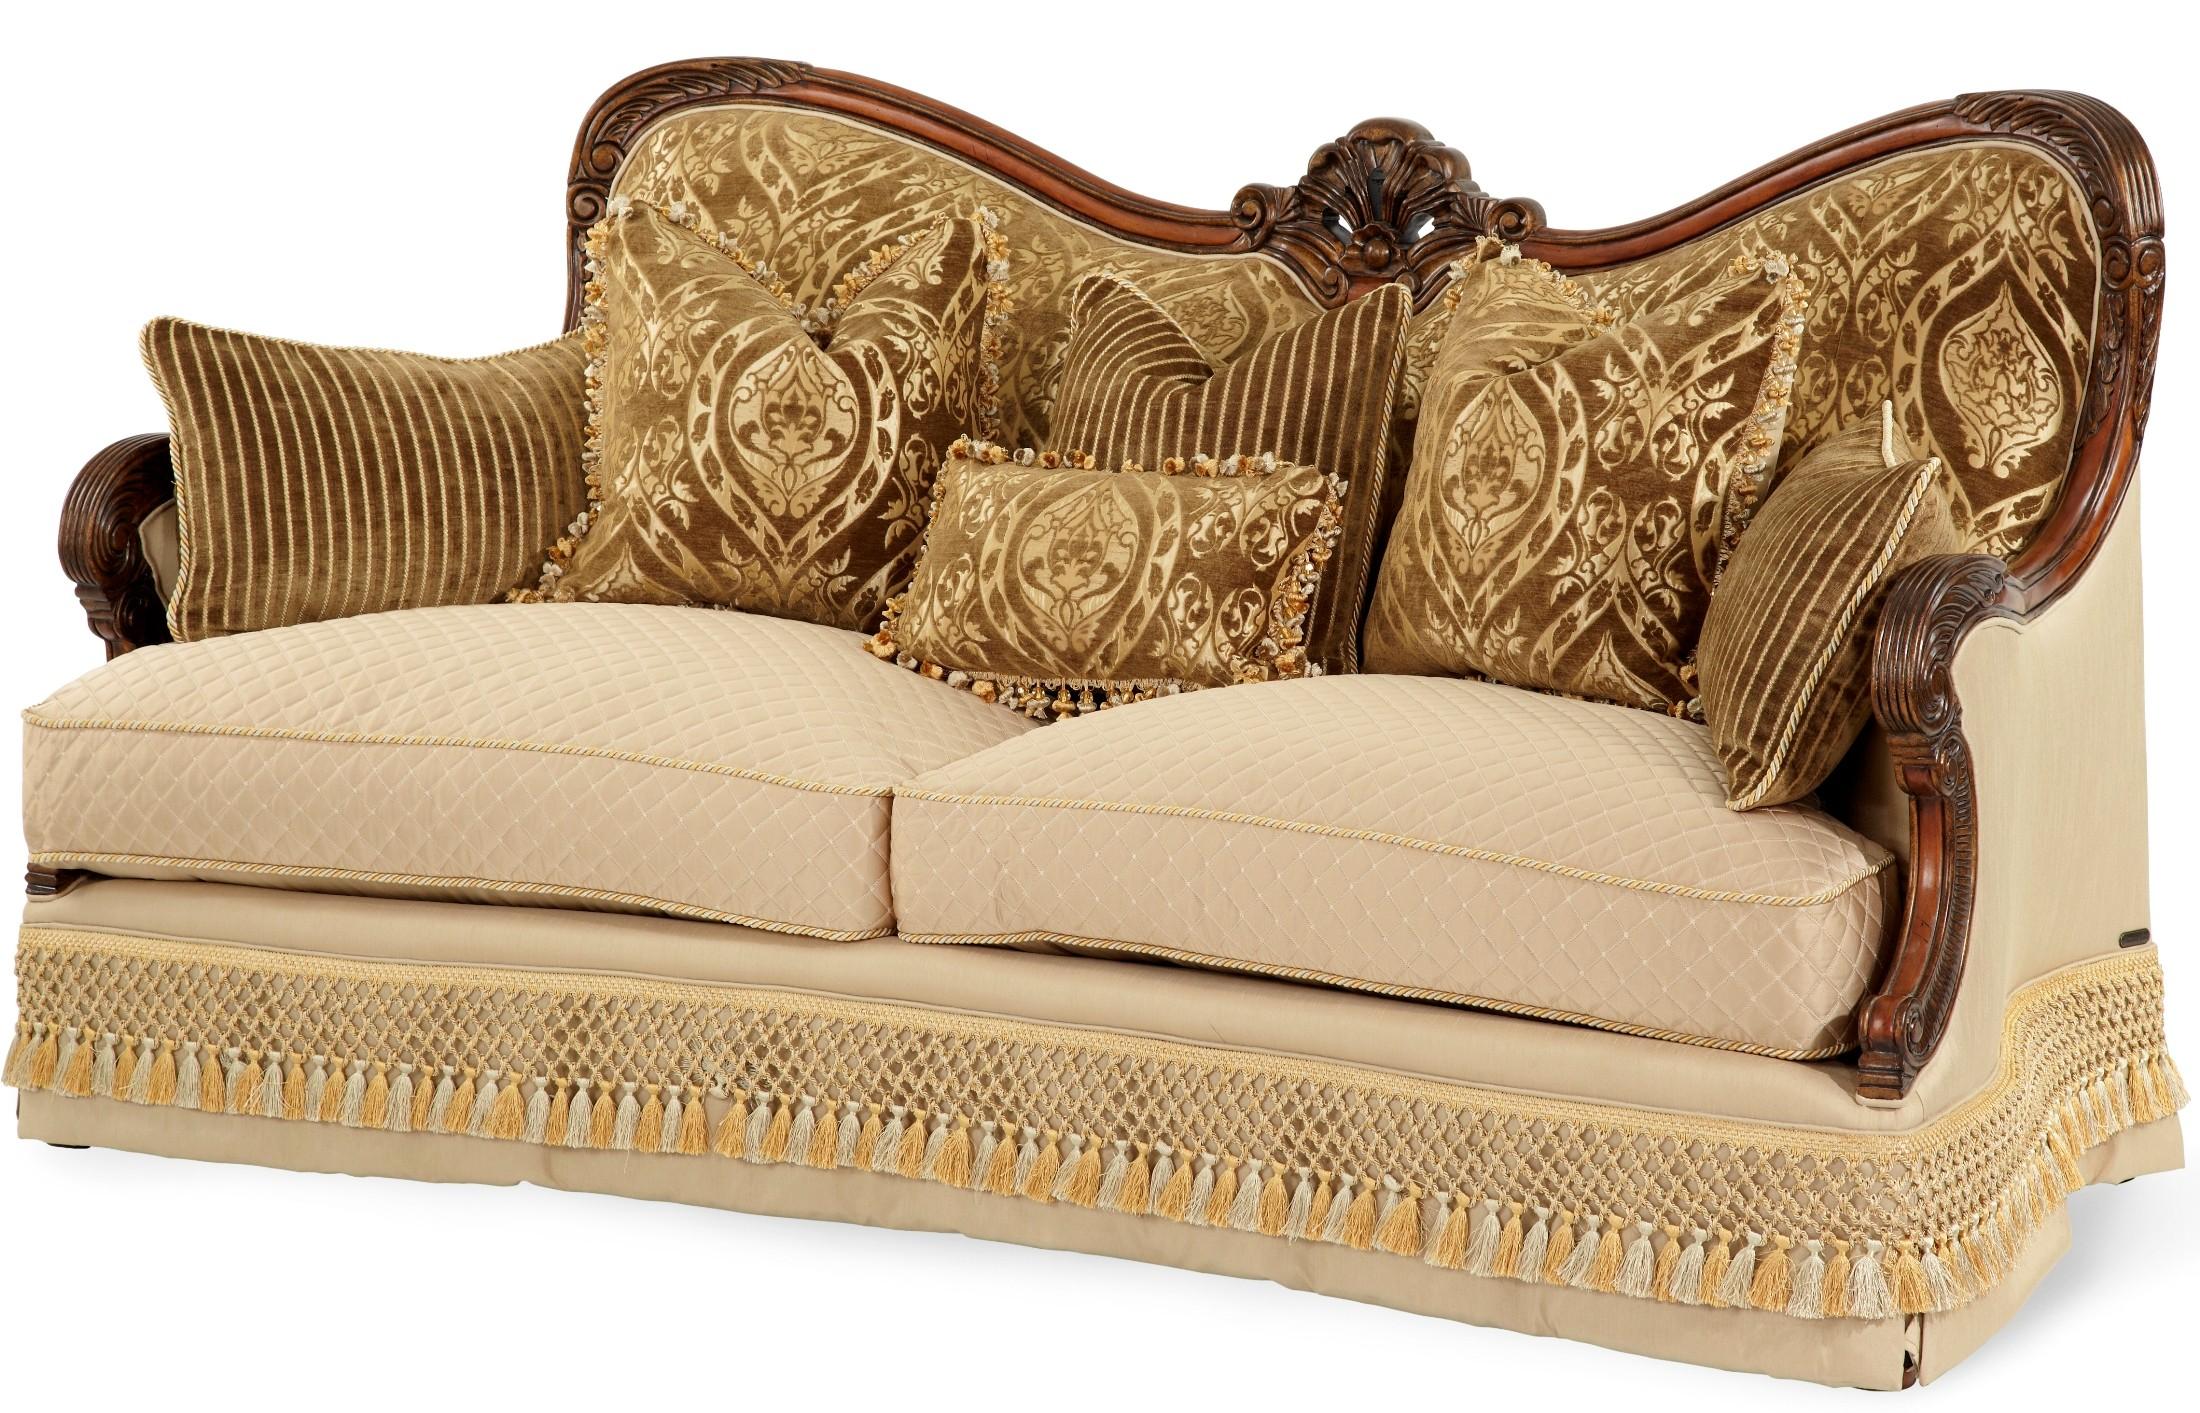 Aico chateau beauvais living room set chateau beauvais - Chateau beauvais living room furniture ...